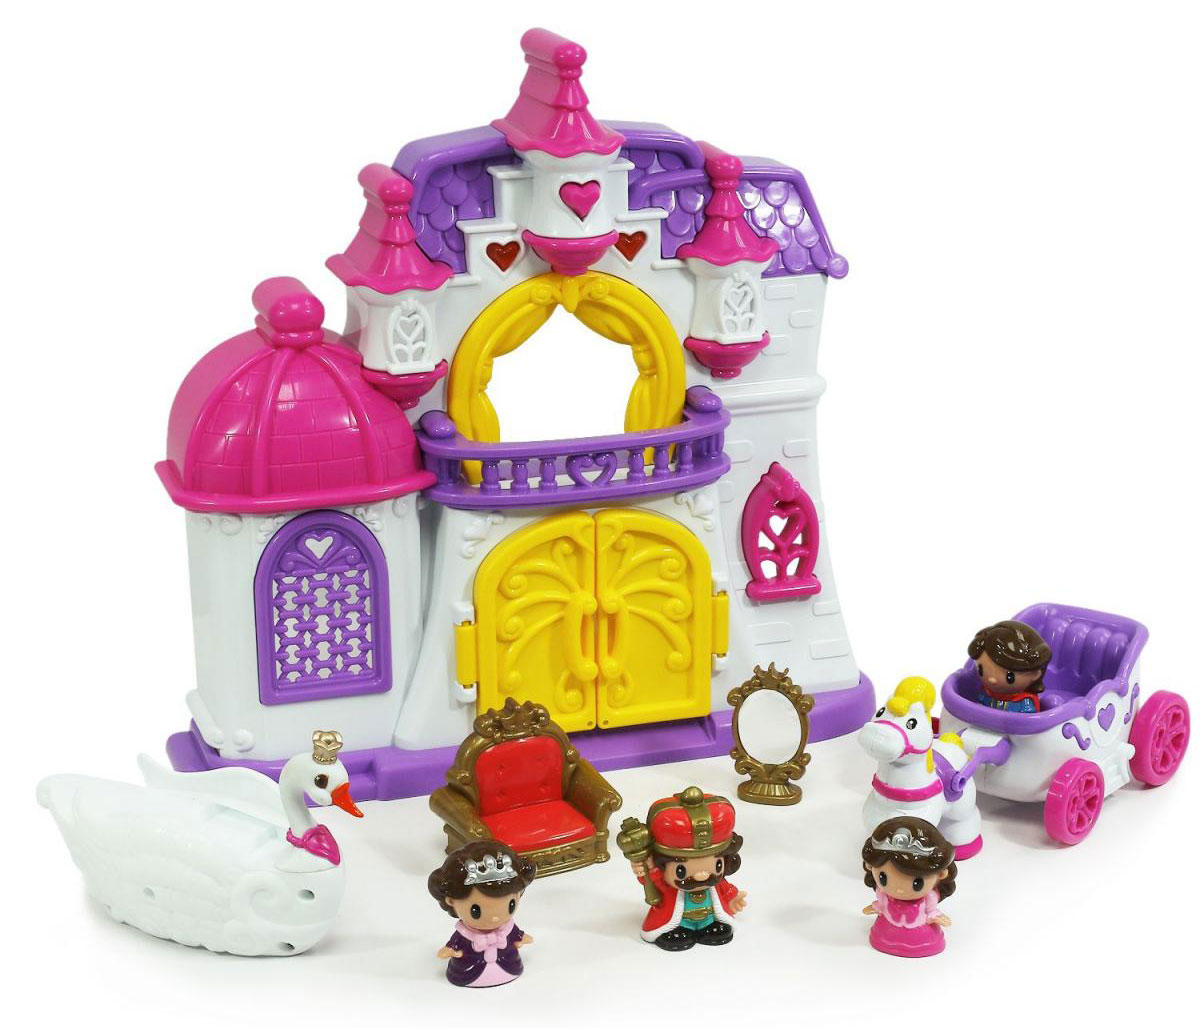 Keenway Игровой набор Праздничный дворец